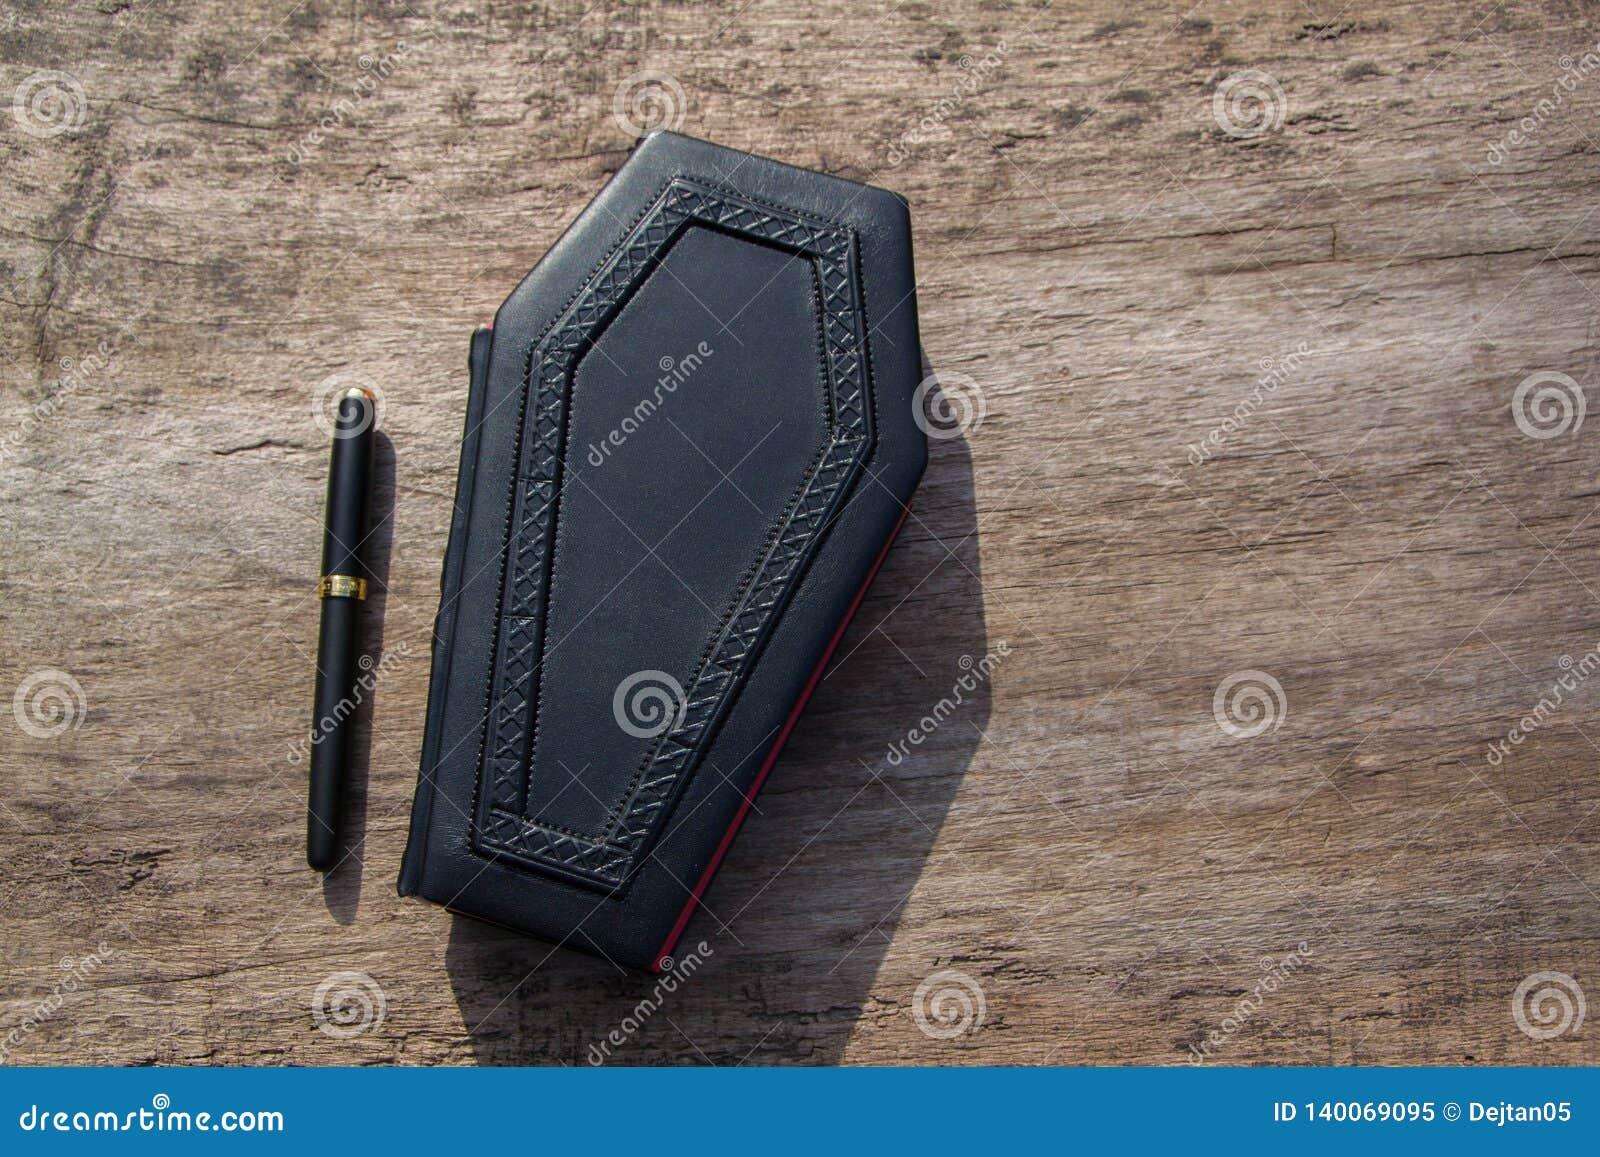 Leerboek in vorm van doodskist, met een potlood op het